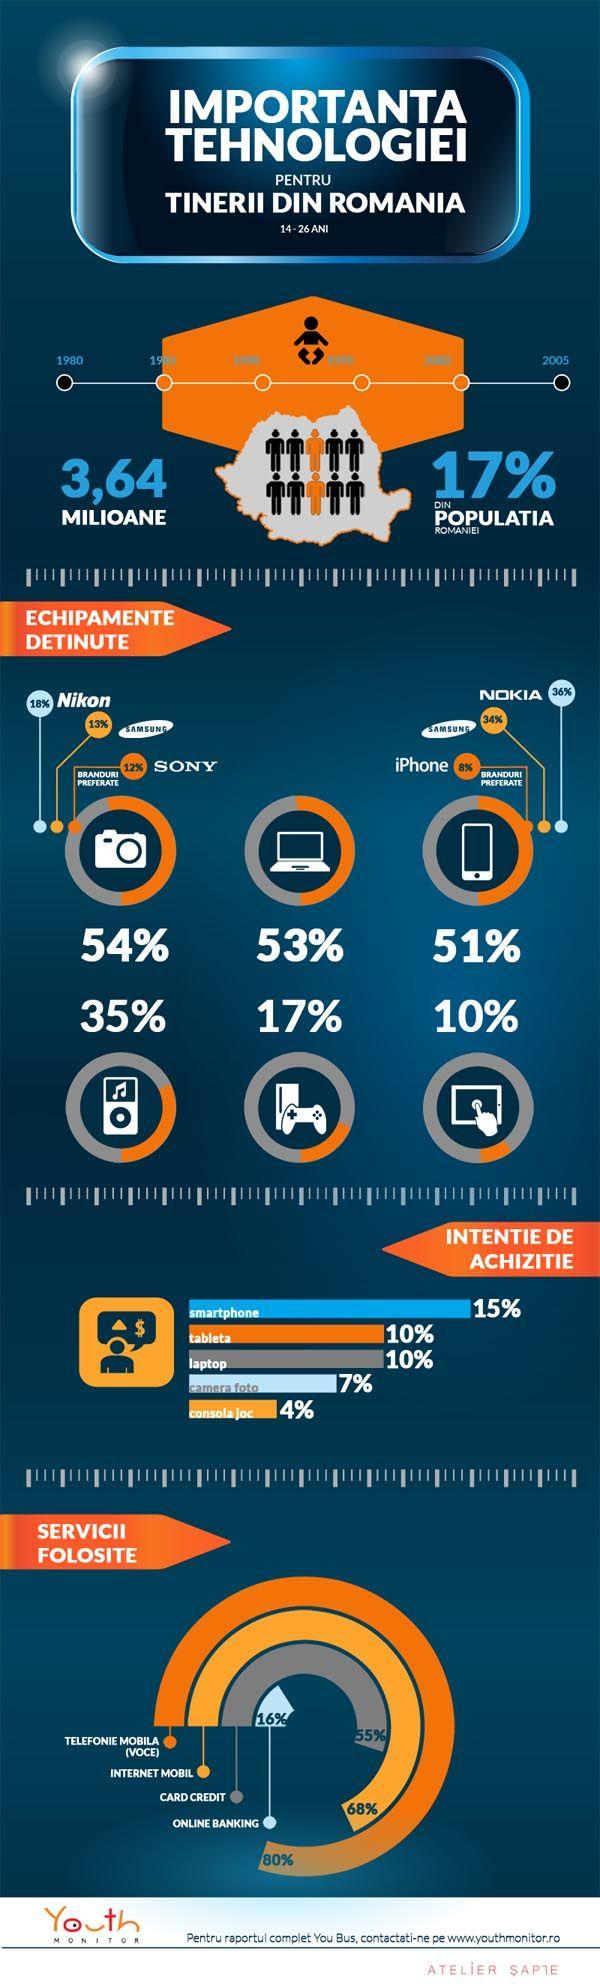 Smartphone-urile, cele mai dorite gadget-uri in randul tinerilor din Romania | iasifun.ziaruldeiasi.ro